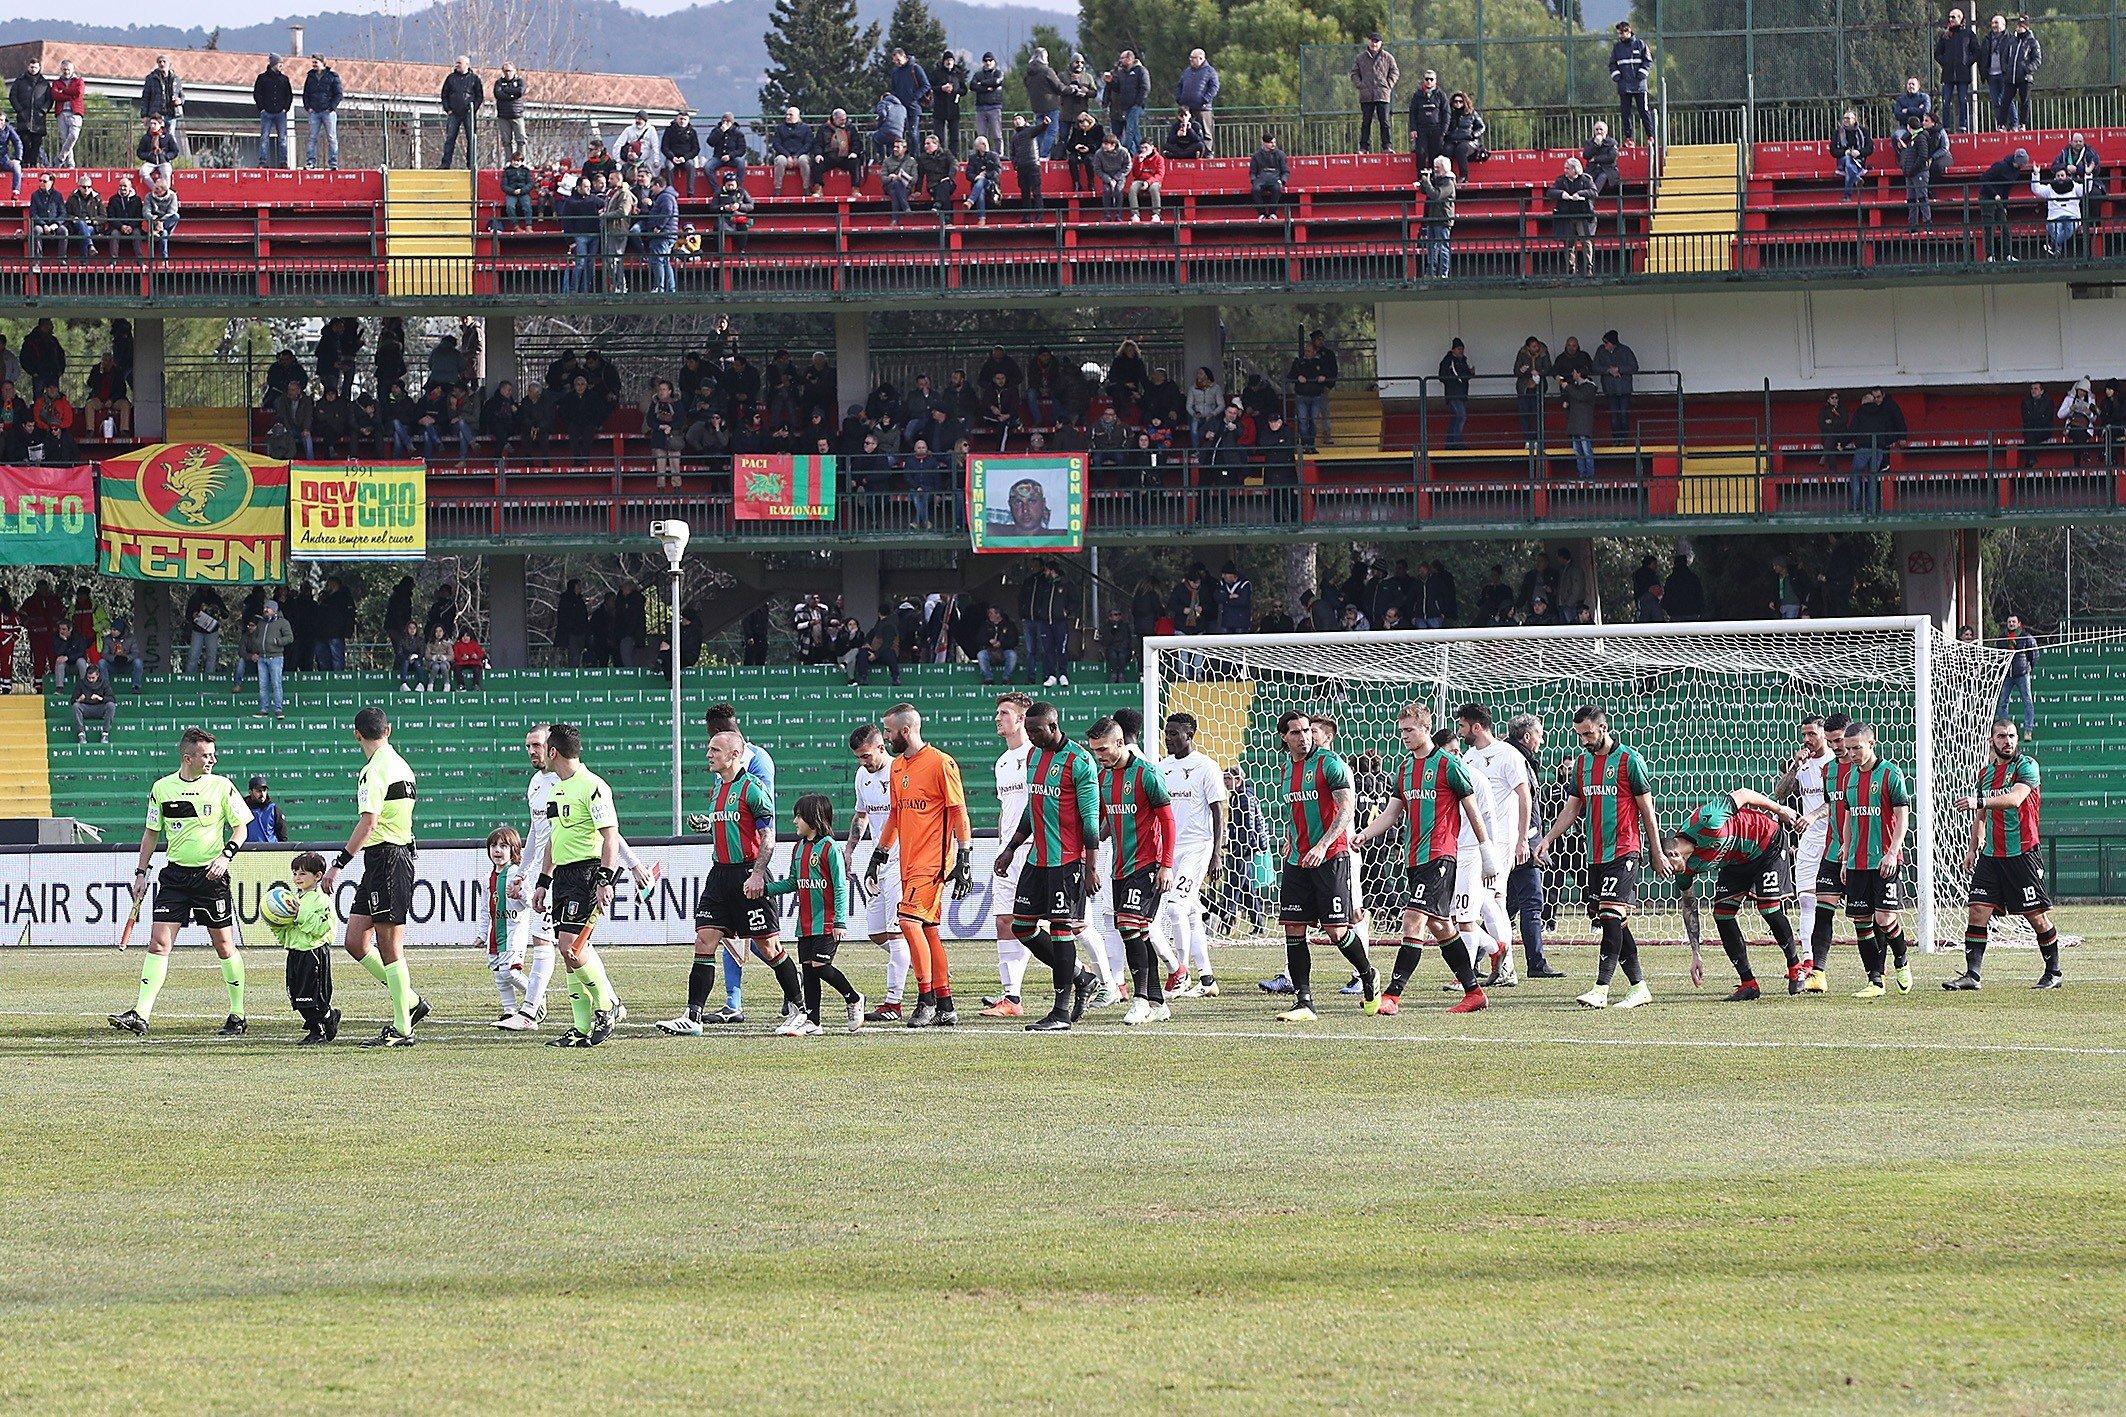 Lega Pro Ternana-Vis Pesaro, le formazioni ufficiali